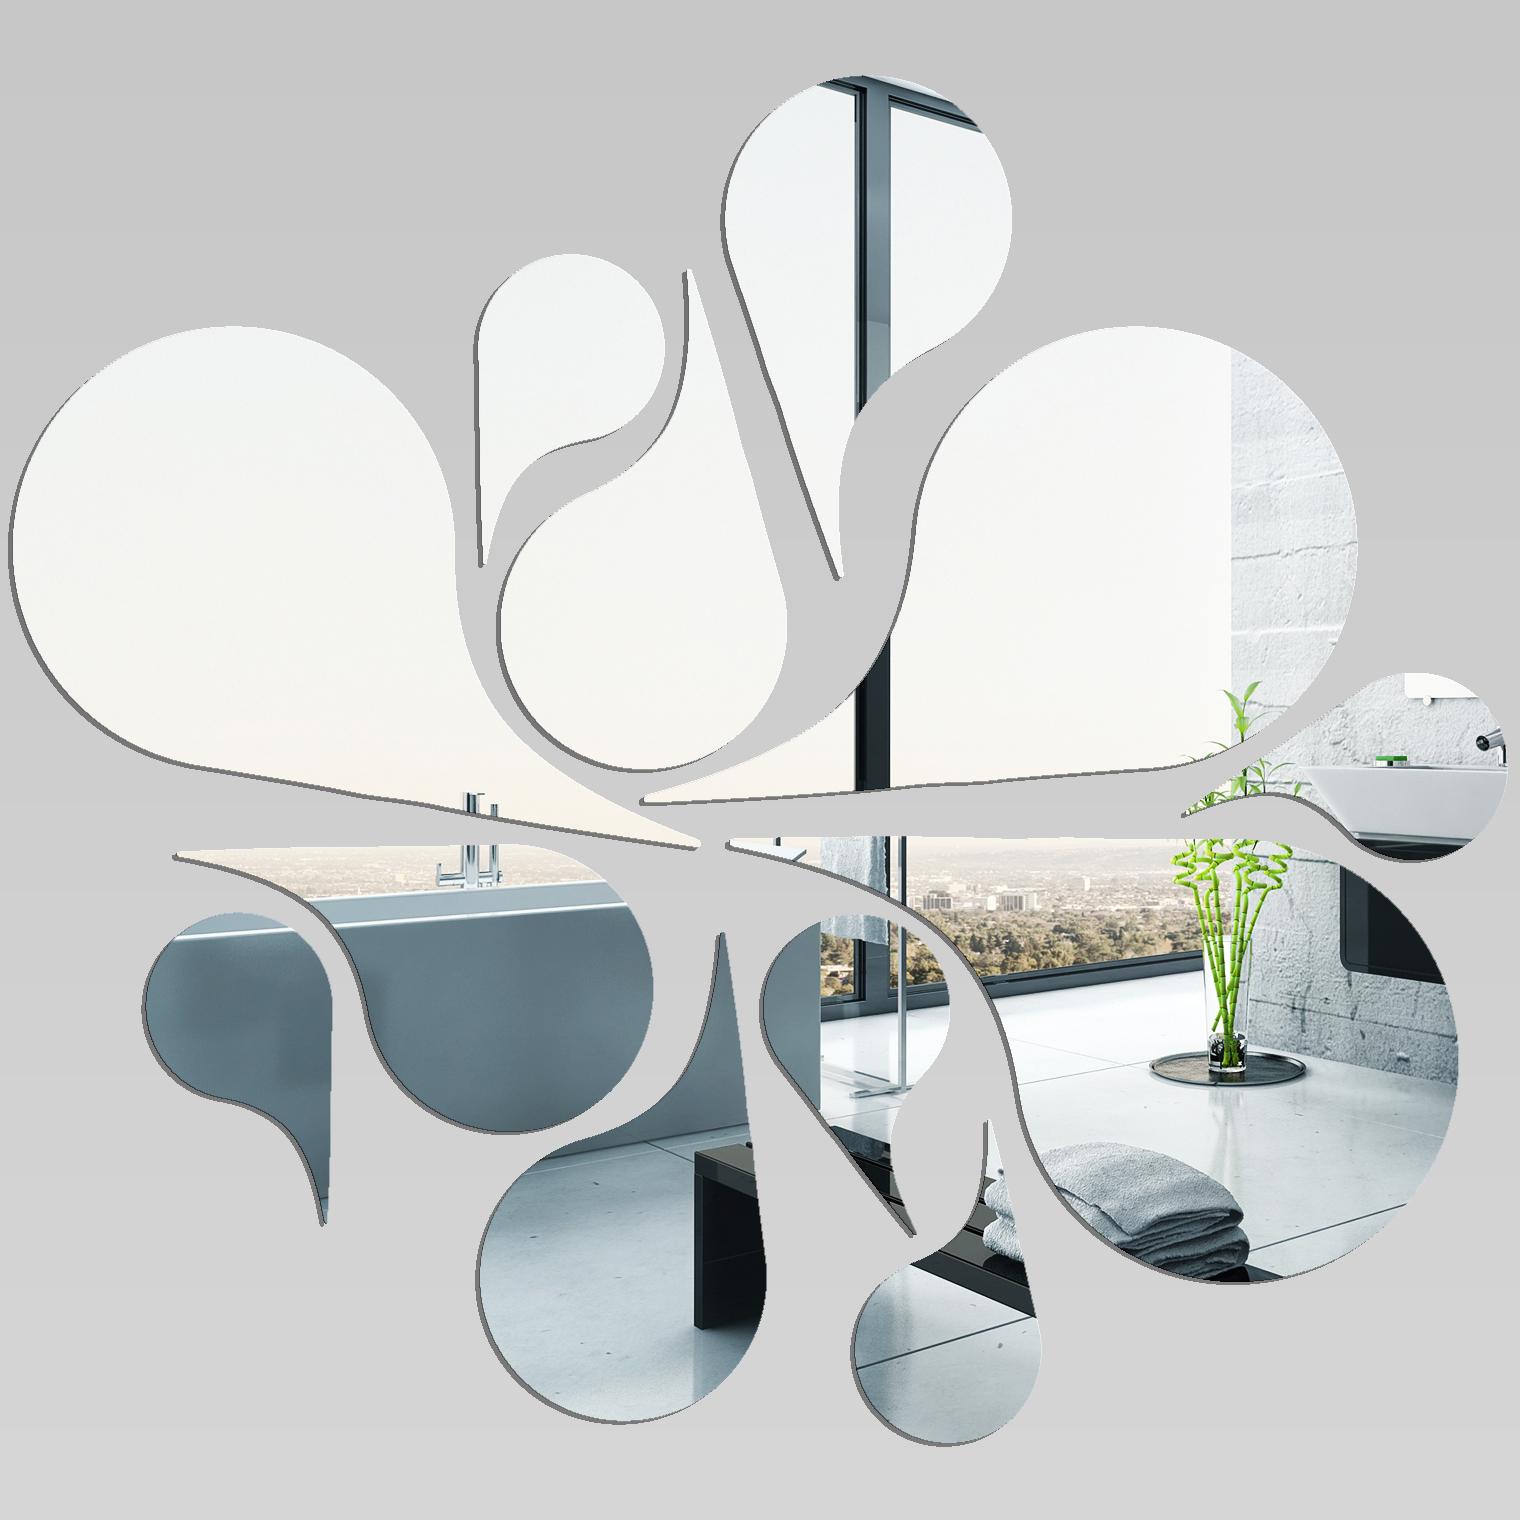 Miroir plexiglass acrylique plusieures gouttes pas cher - Stickers miroir pas cher ...